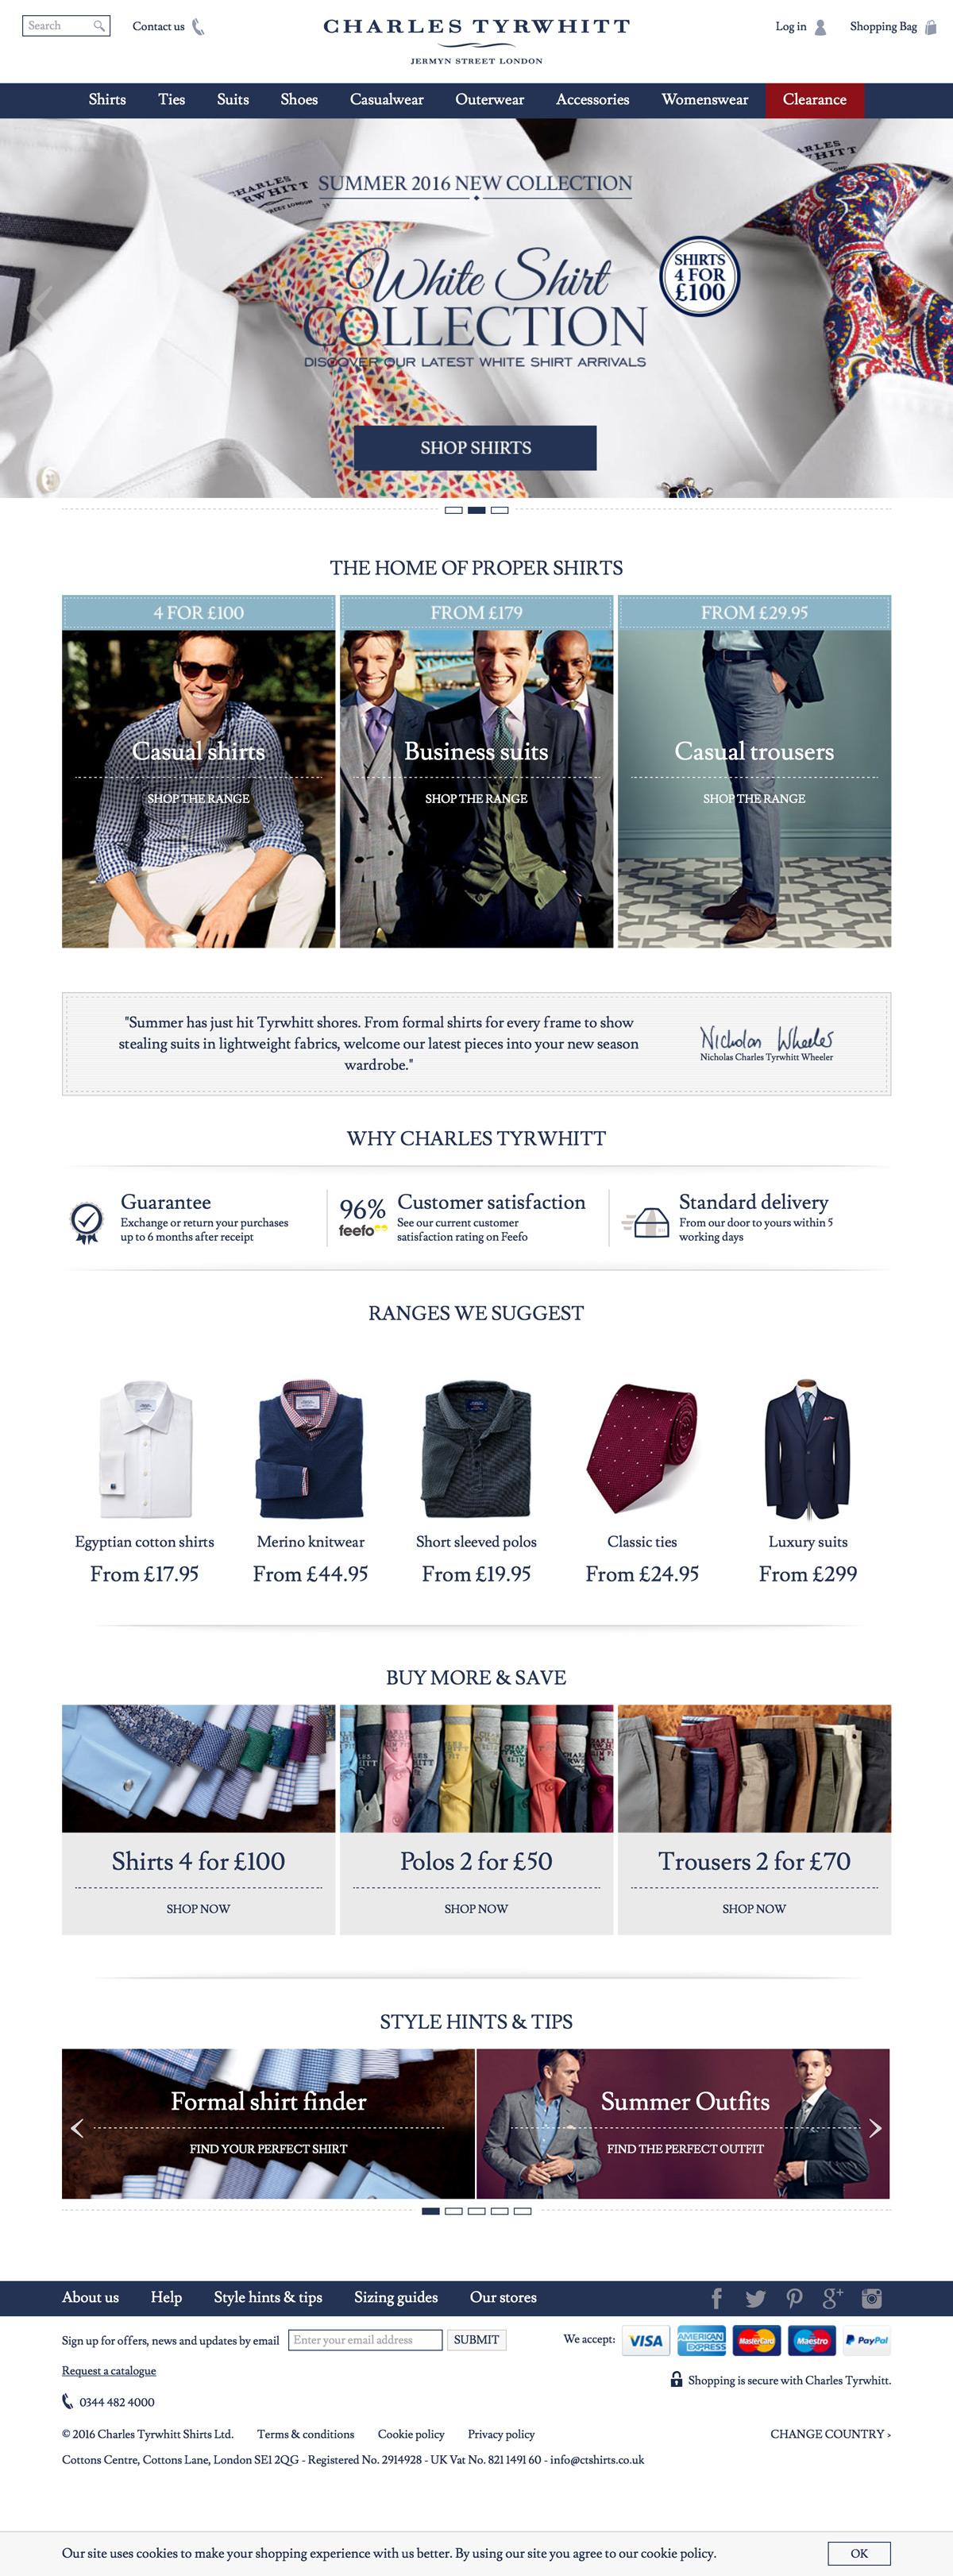 eCommerce website: Charles Tyrwhitt